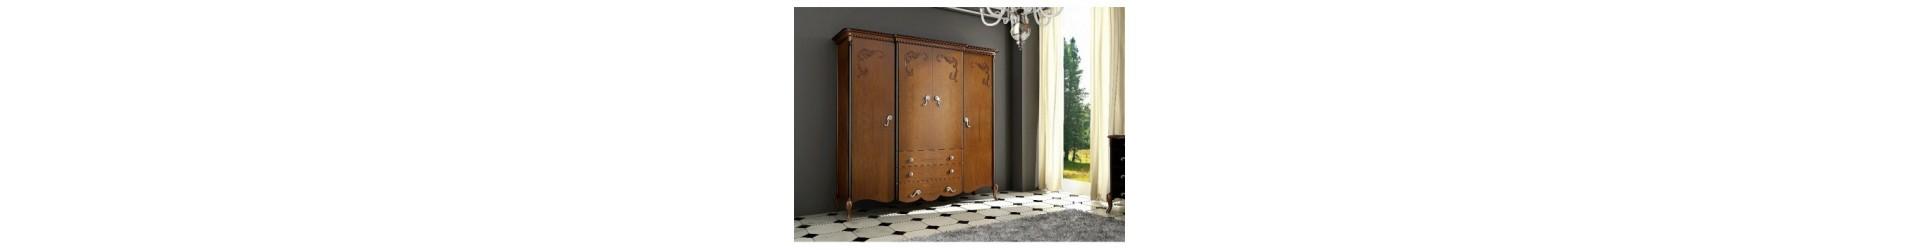 Armarios de Dormitorio | Muebles de Dormitorio